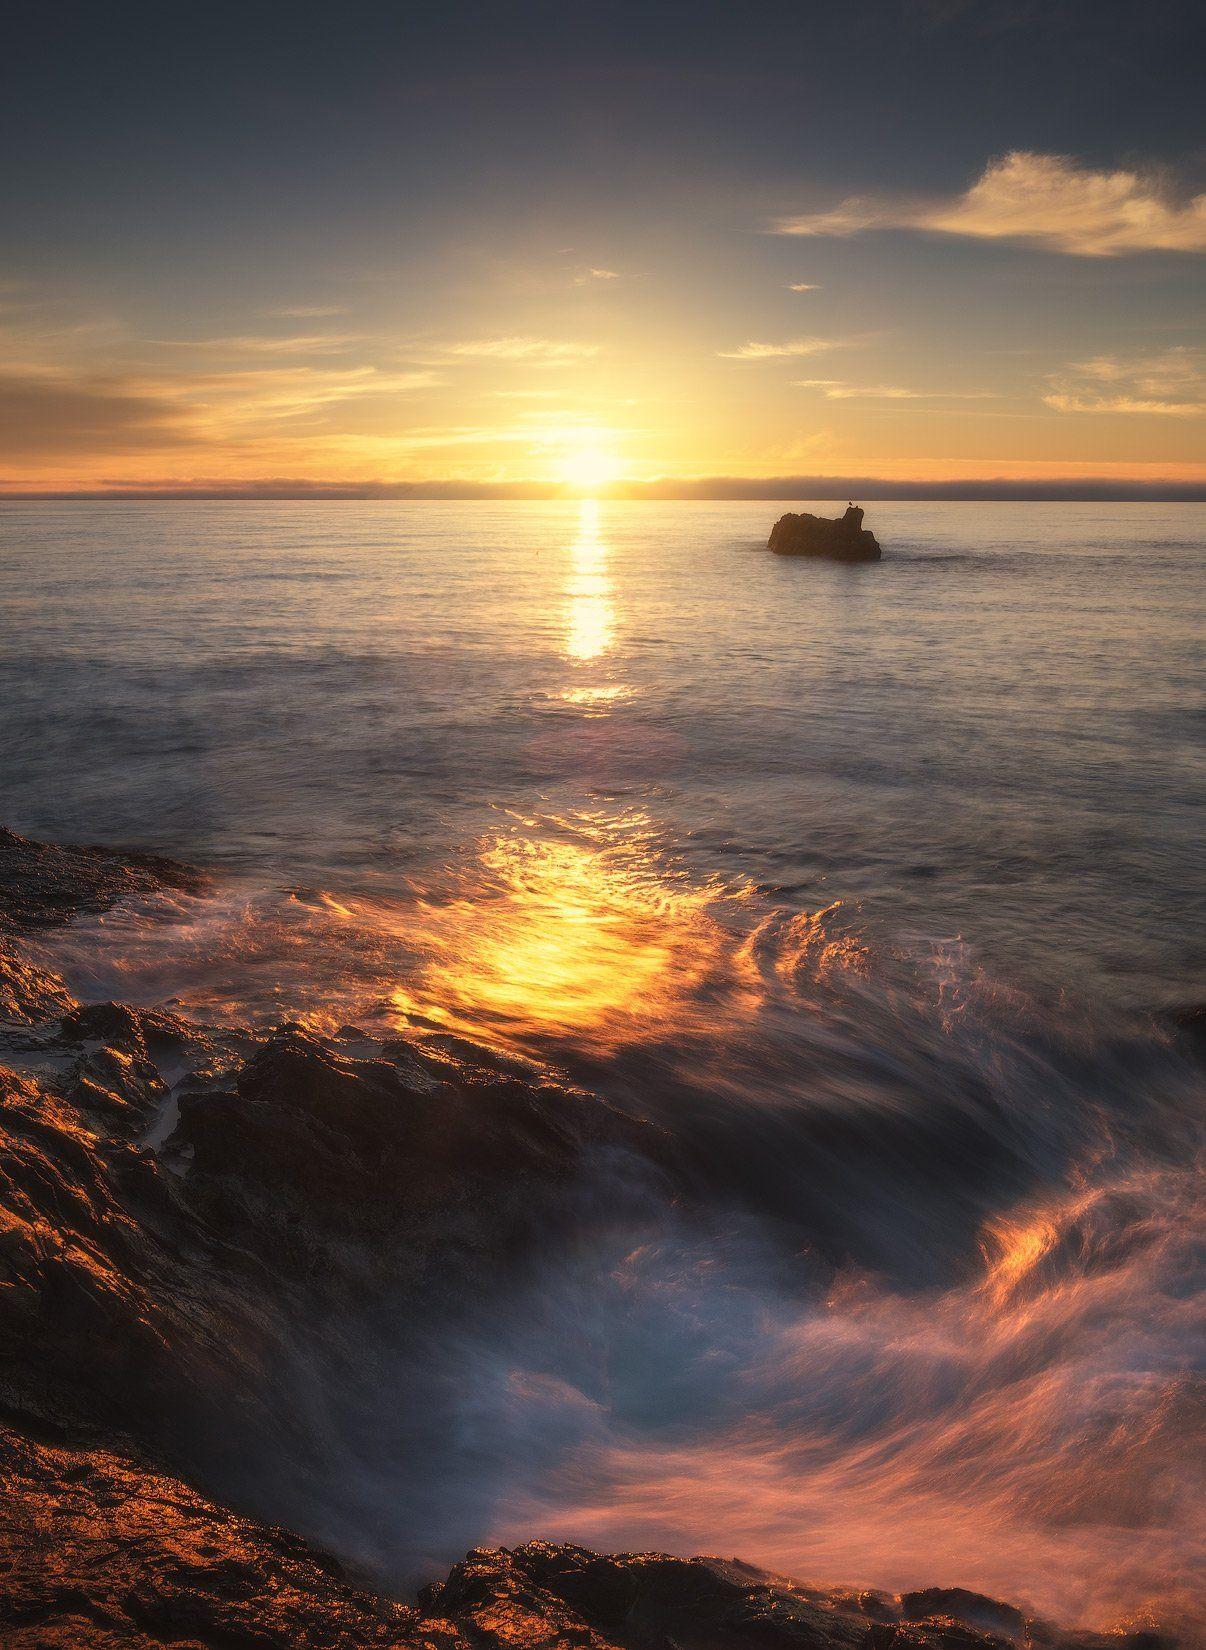 россия, крым, полуостров, пейзаж, природа, черное море, длинная выдержка, берег, камни, восход солнца, рассвет, Оборотов Алексей